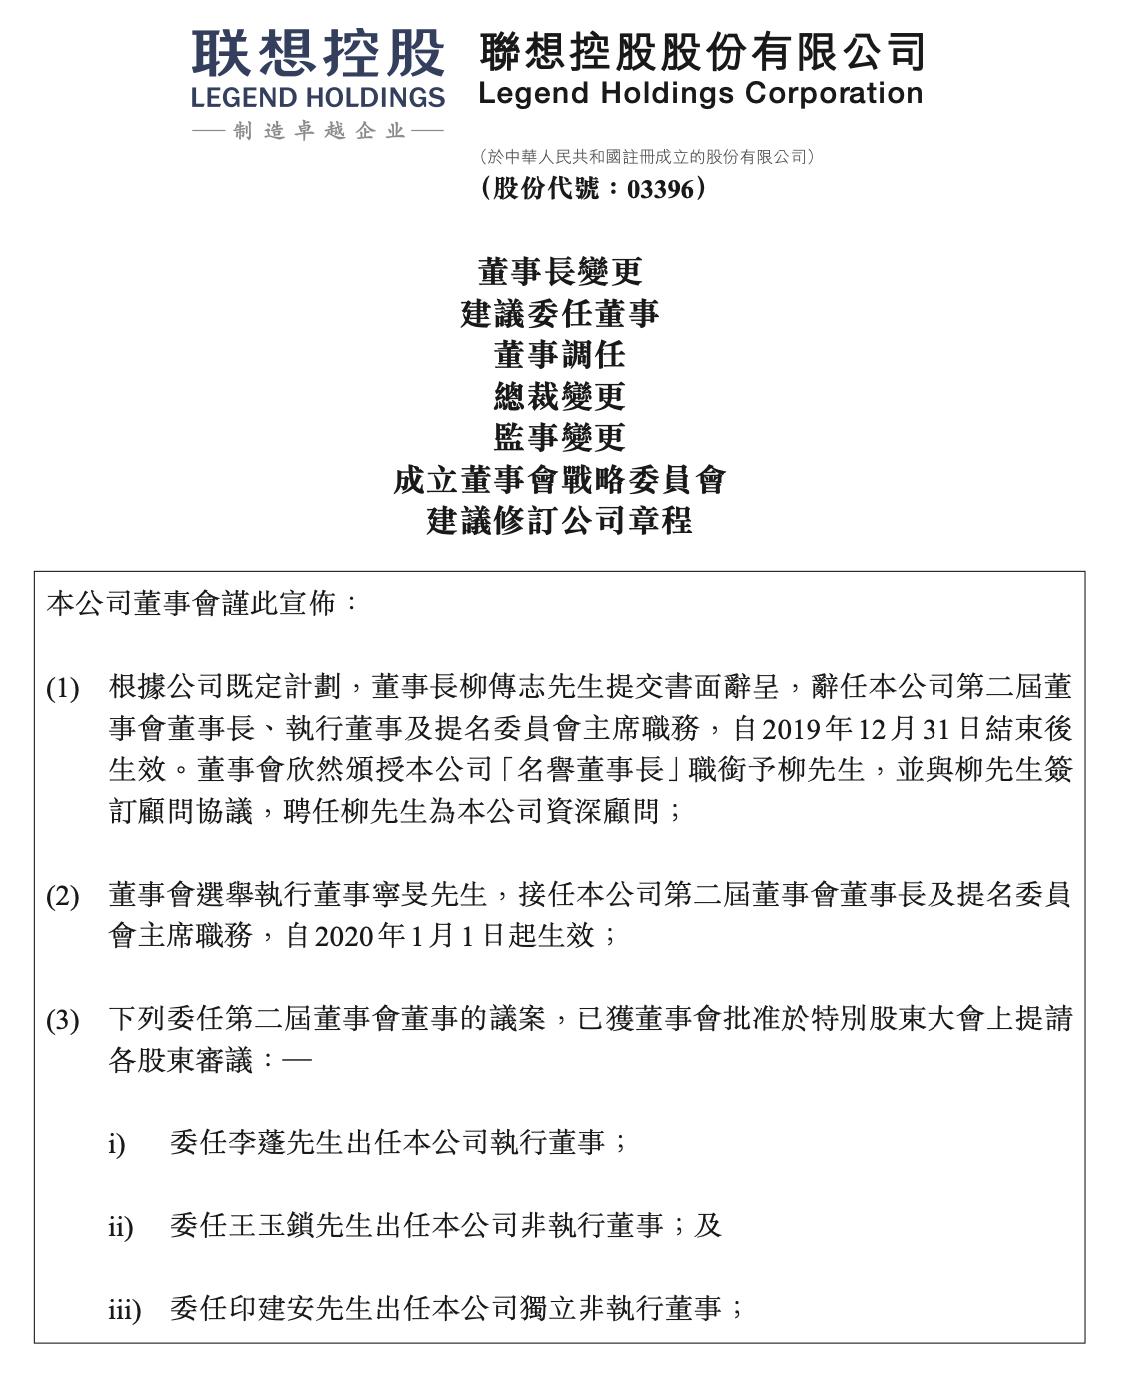 柳传志宣布退役。宁威接手联想控股和联想集团股价下跌